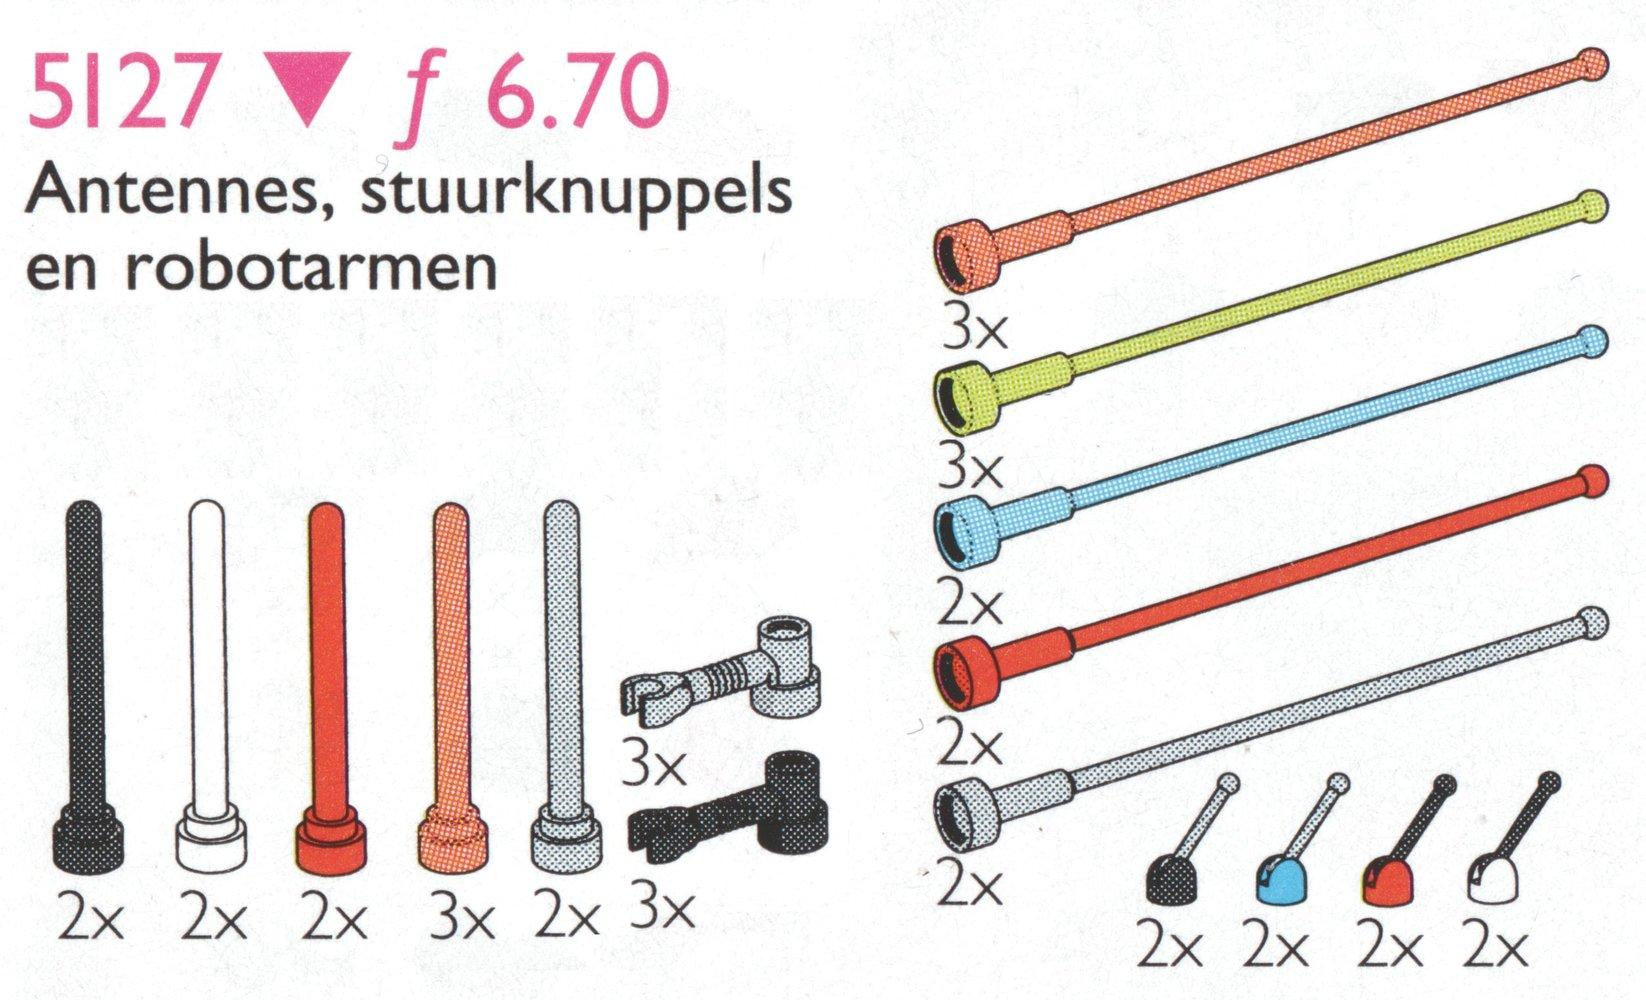 Antennas and Control Sticks